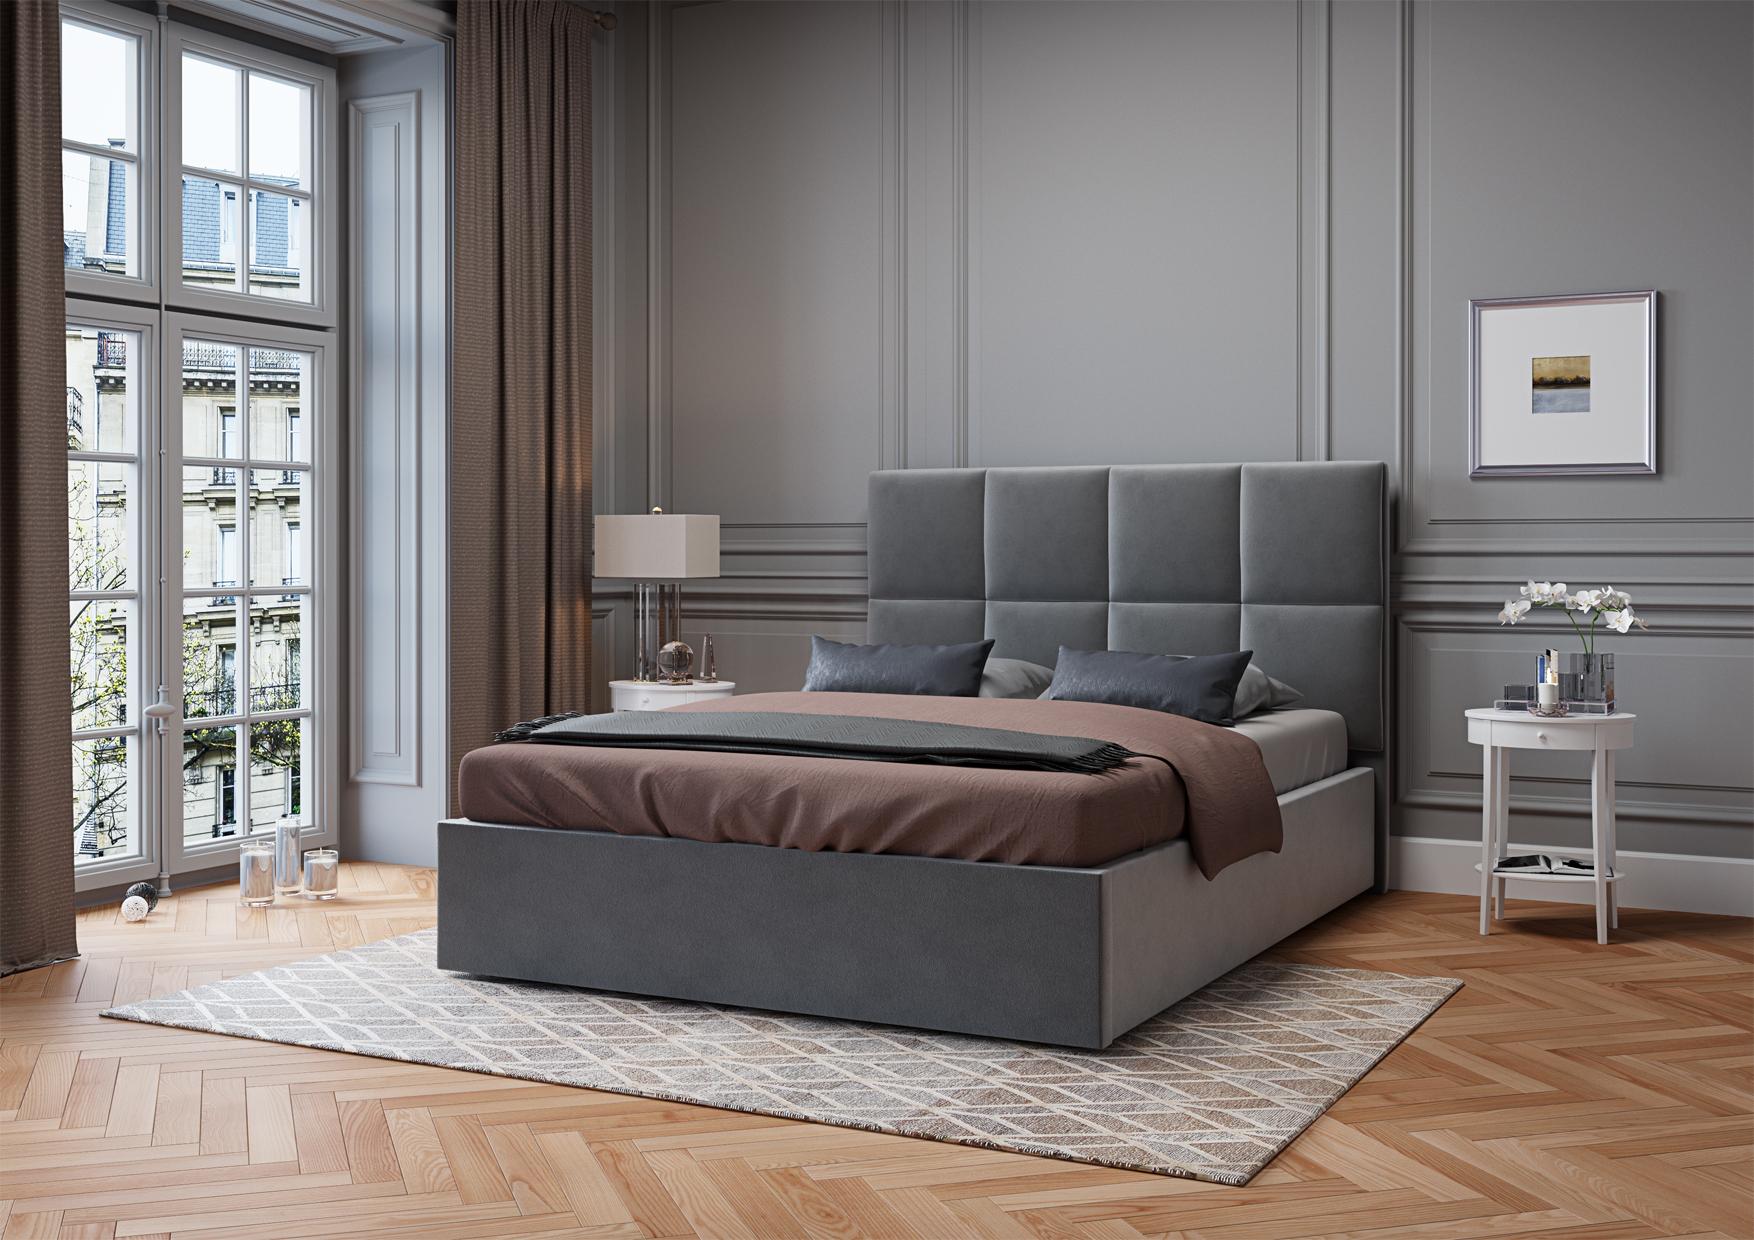 wizualizacja łóżka wizualizacje łóżek wizualziacje mebli (8).jpg